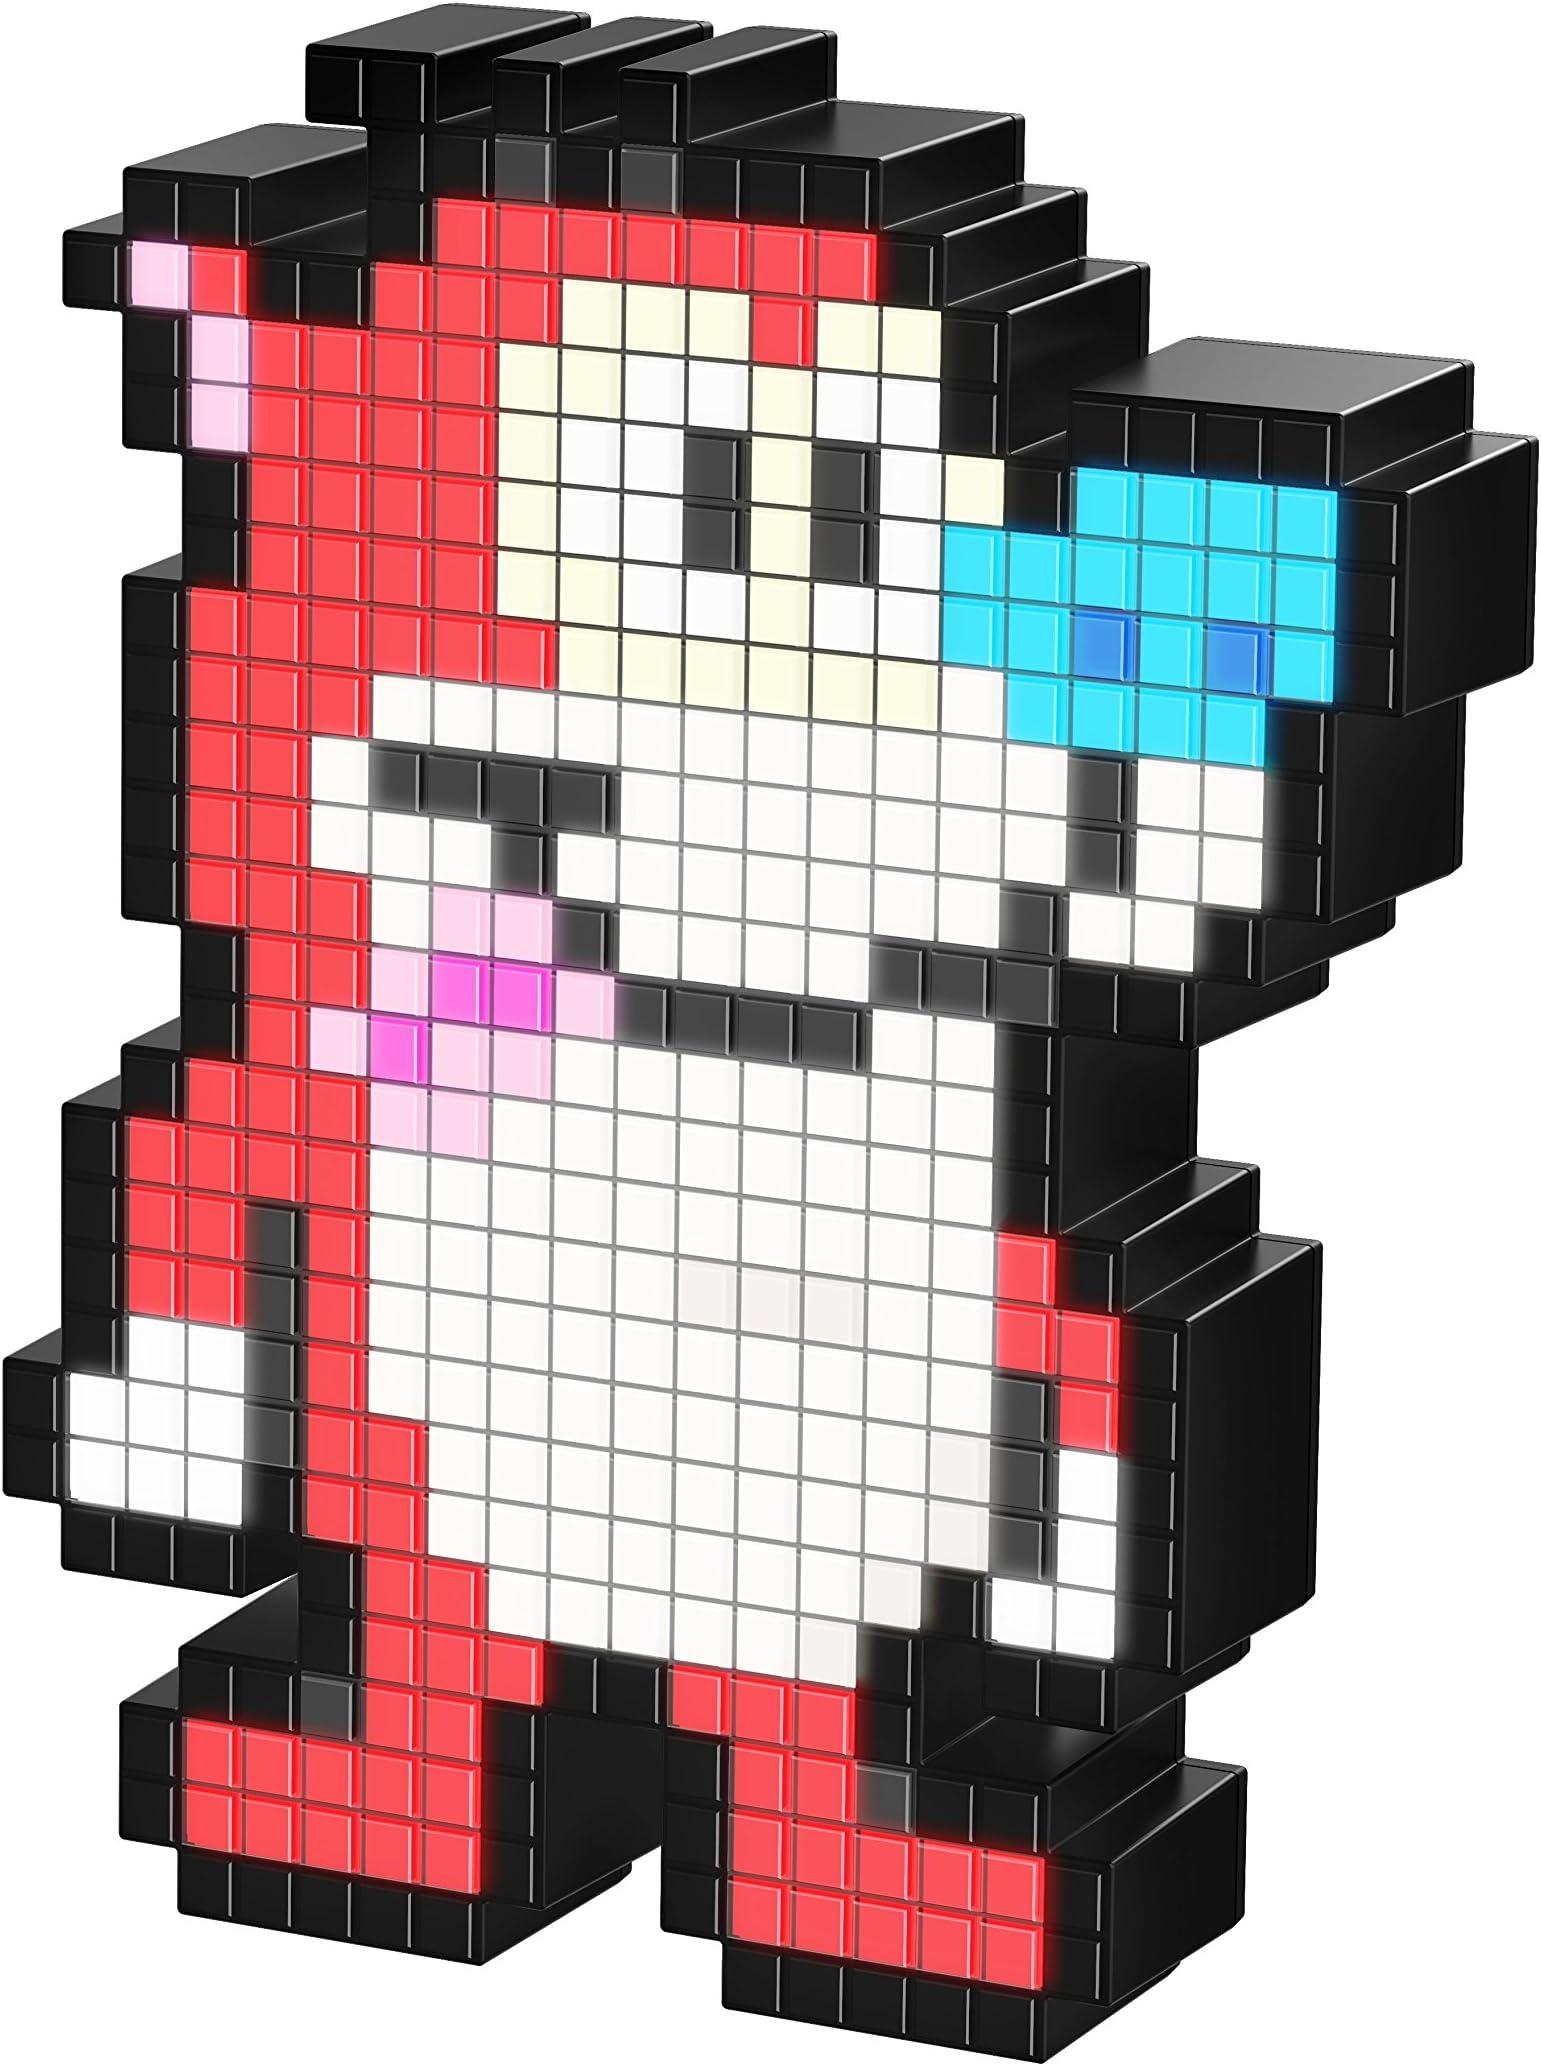 Amazon.com: PDP Pixel Pals Ren & Stimpy Stimpy Collectible ...